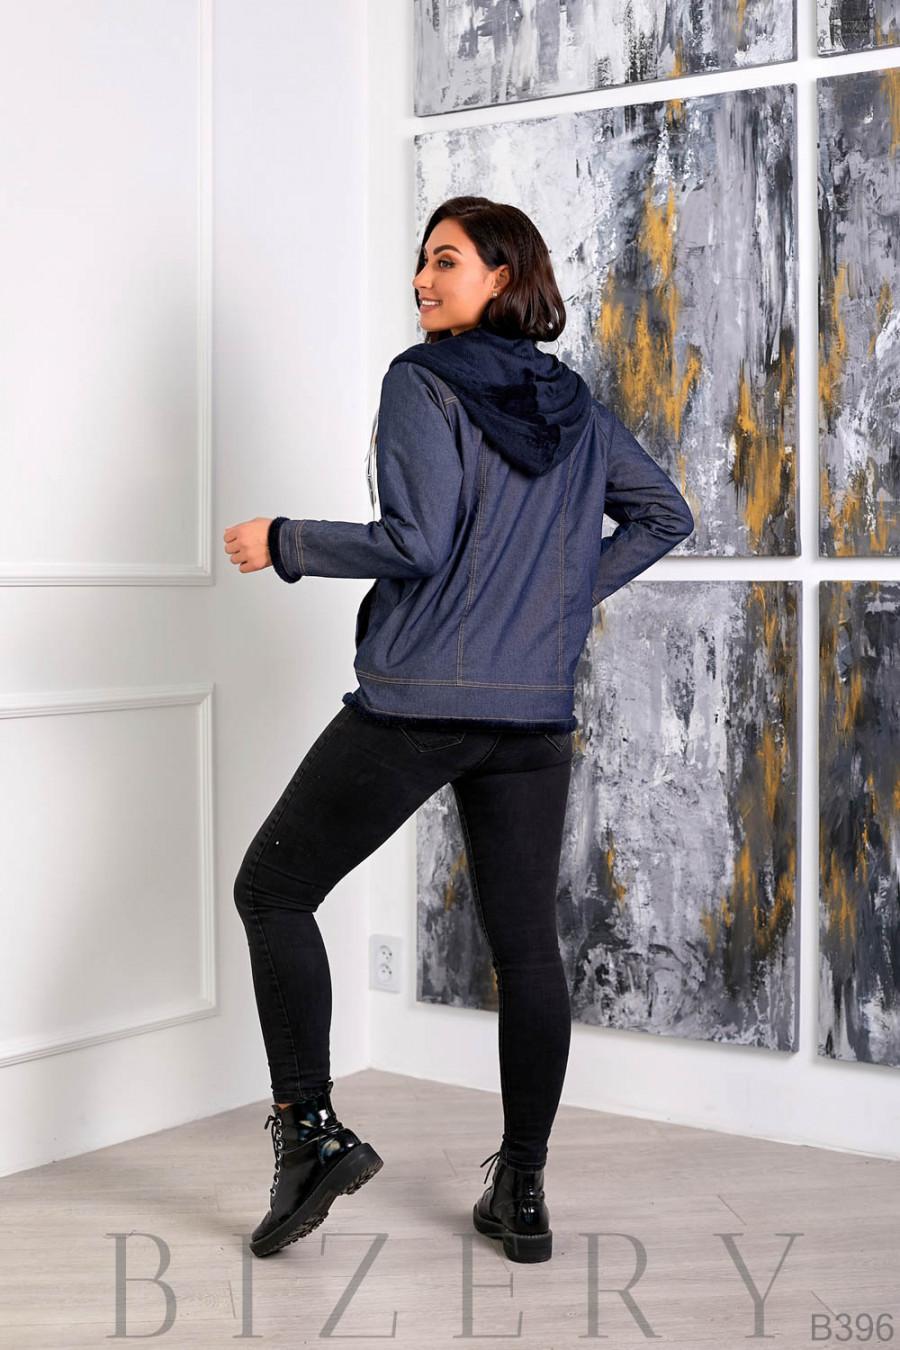 Утеплённая джинсовая куртка с тёмно-синим мехом B396